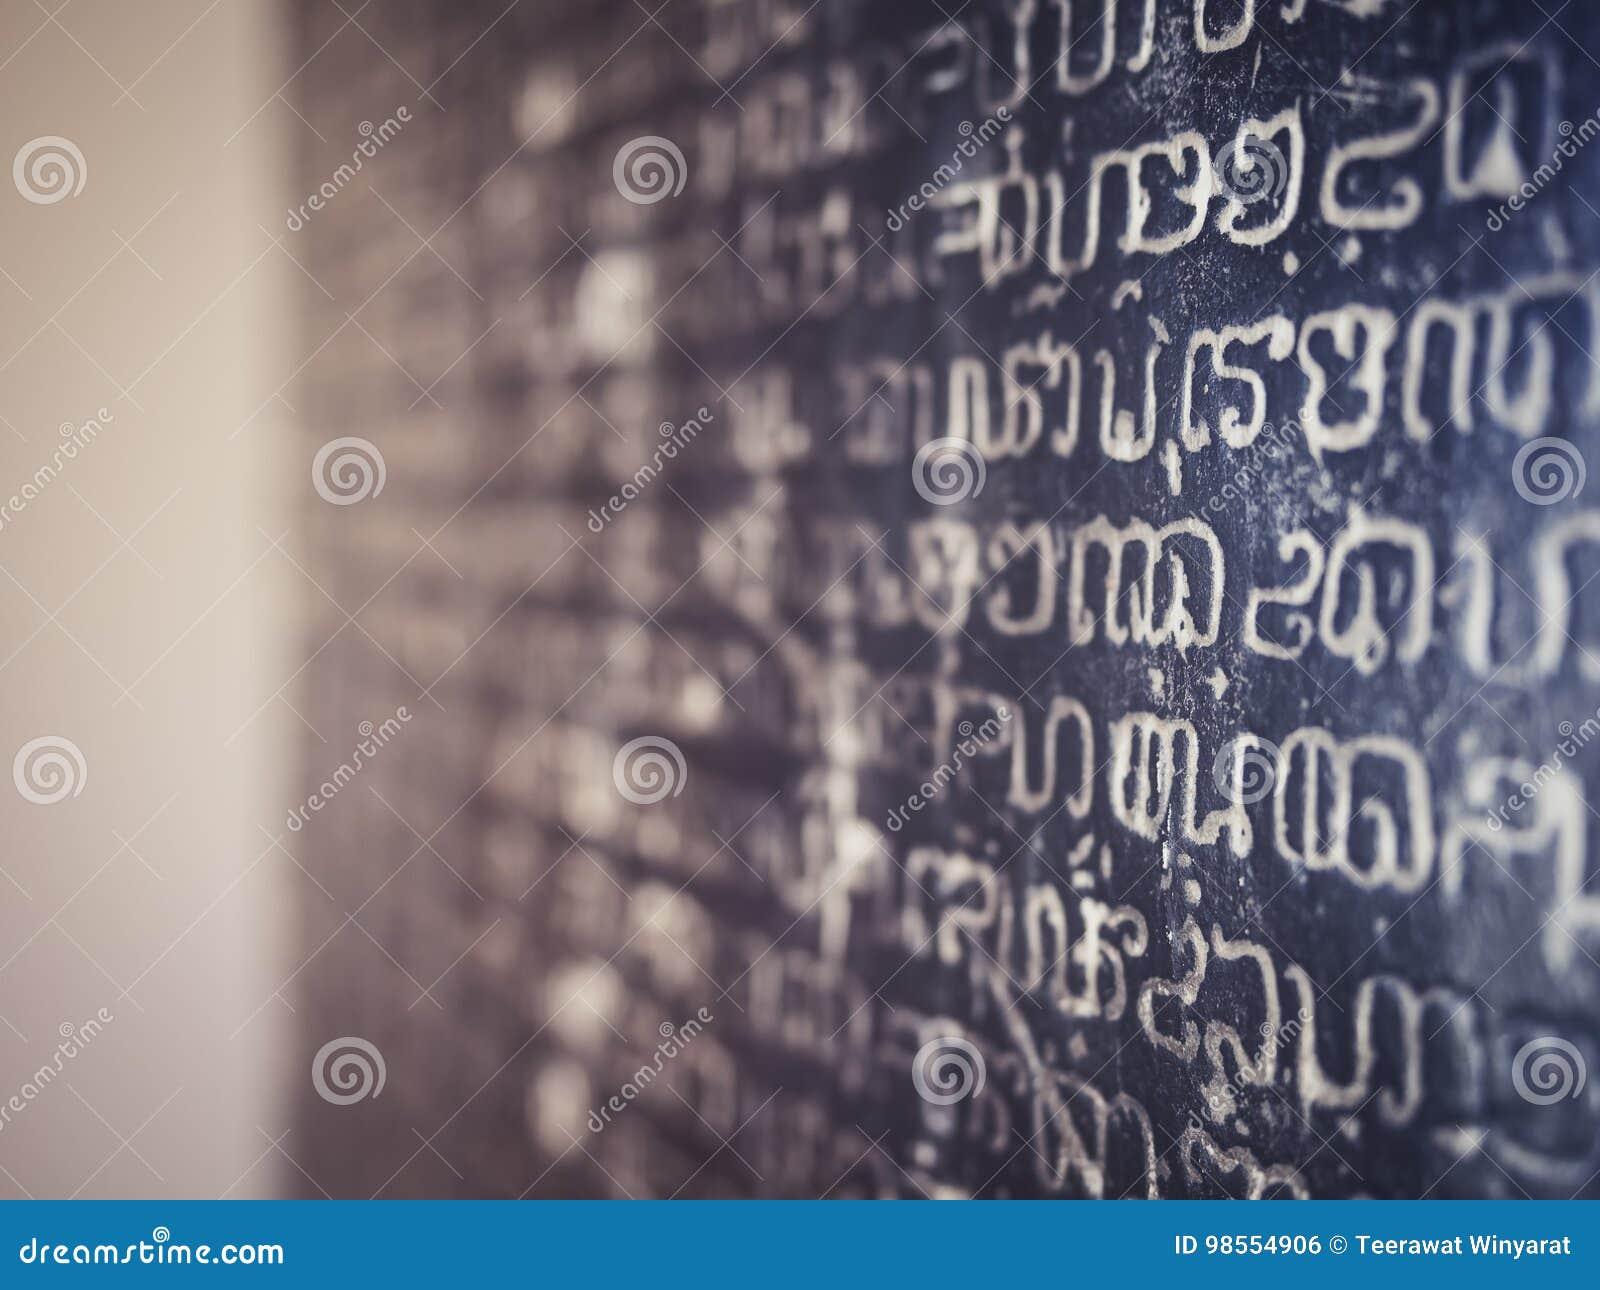 Stone inscription Alphabet History ancient letter Texture